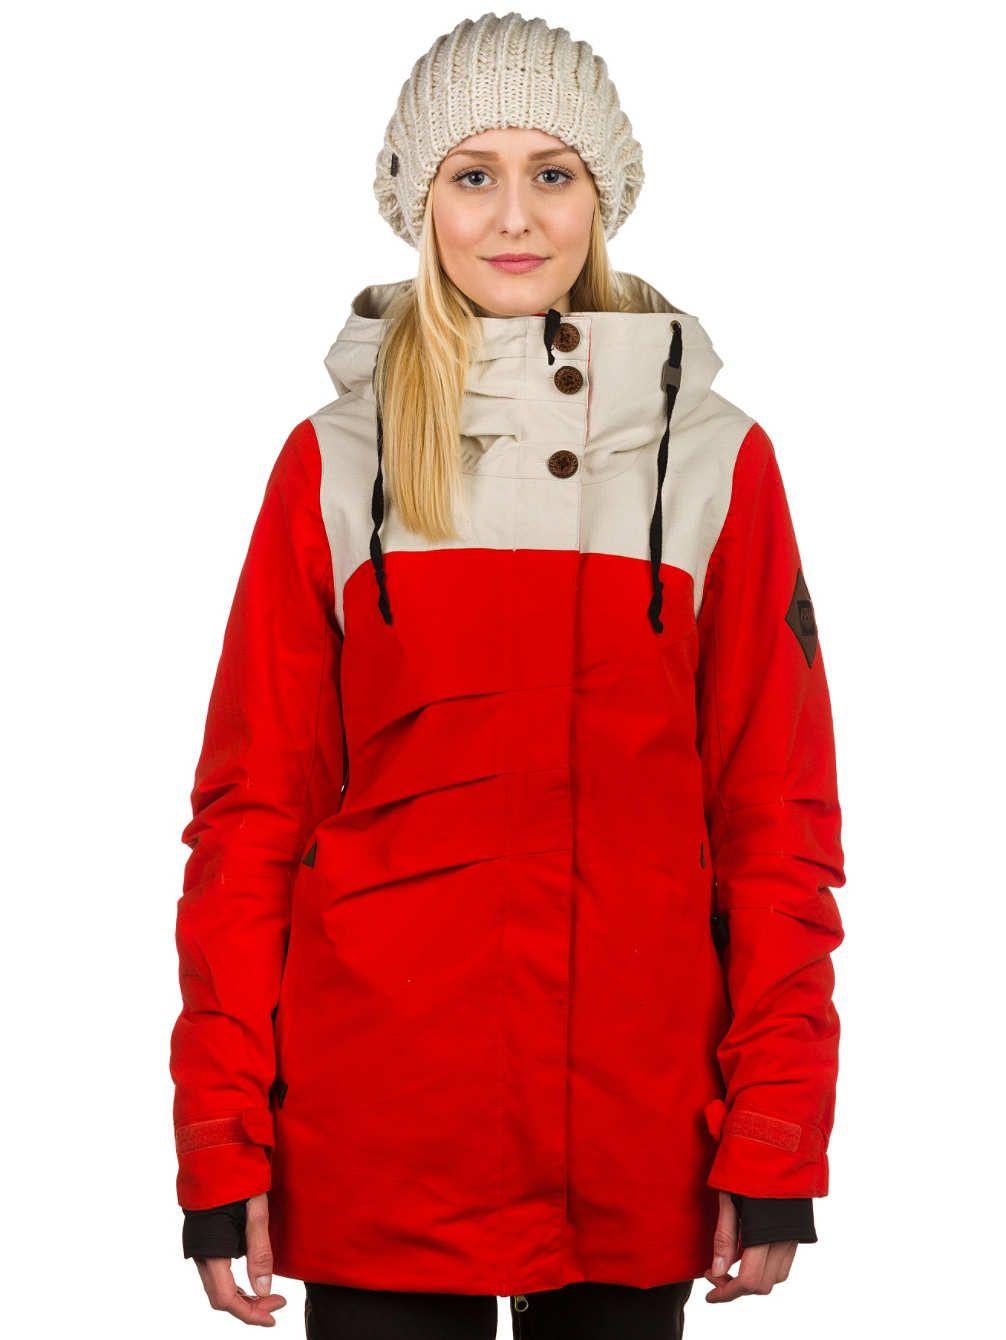 Snowboard Jassen voor dames online kopen bij PLANET SPORTS